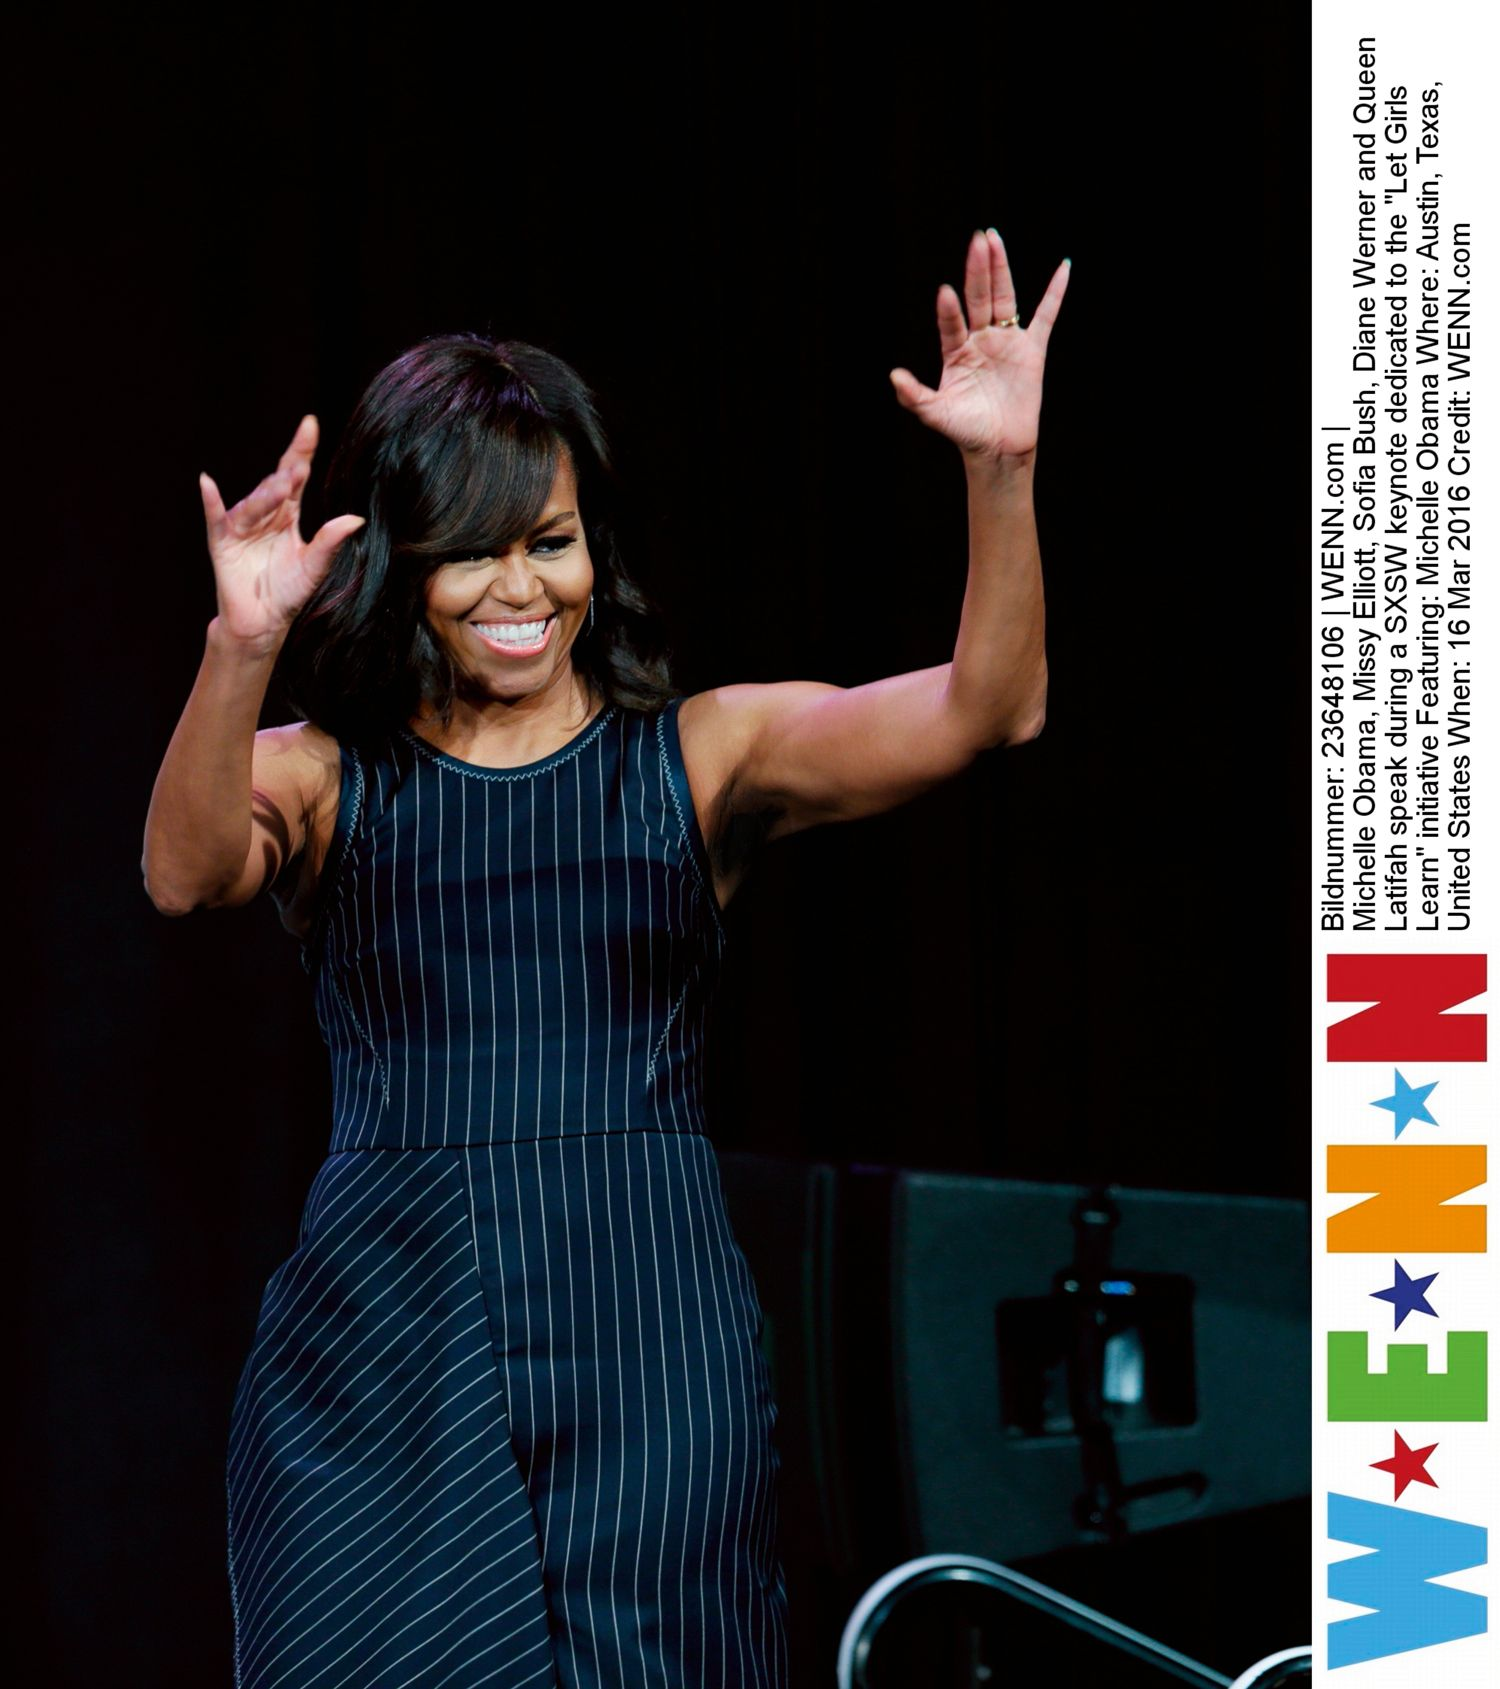 EINMALIGE VERWENDUNG NEU SPIEGEL Plus SPIEGEL 43/2016 S. 91 Michelle Obama